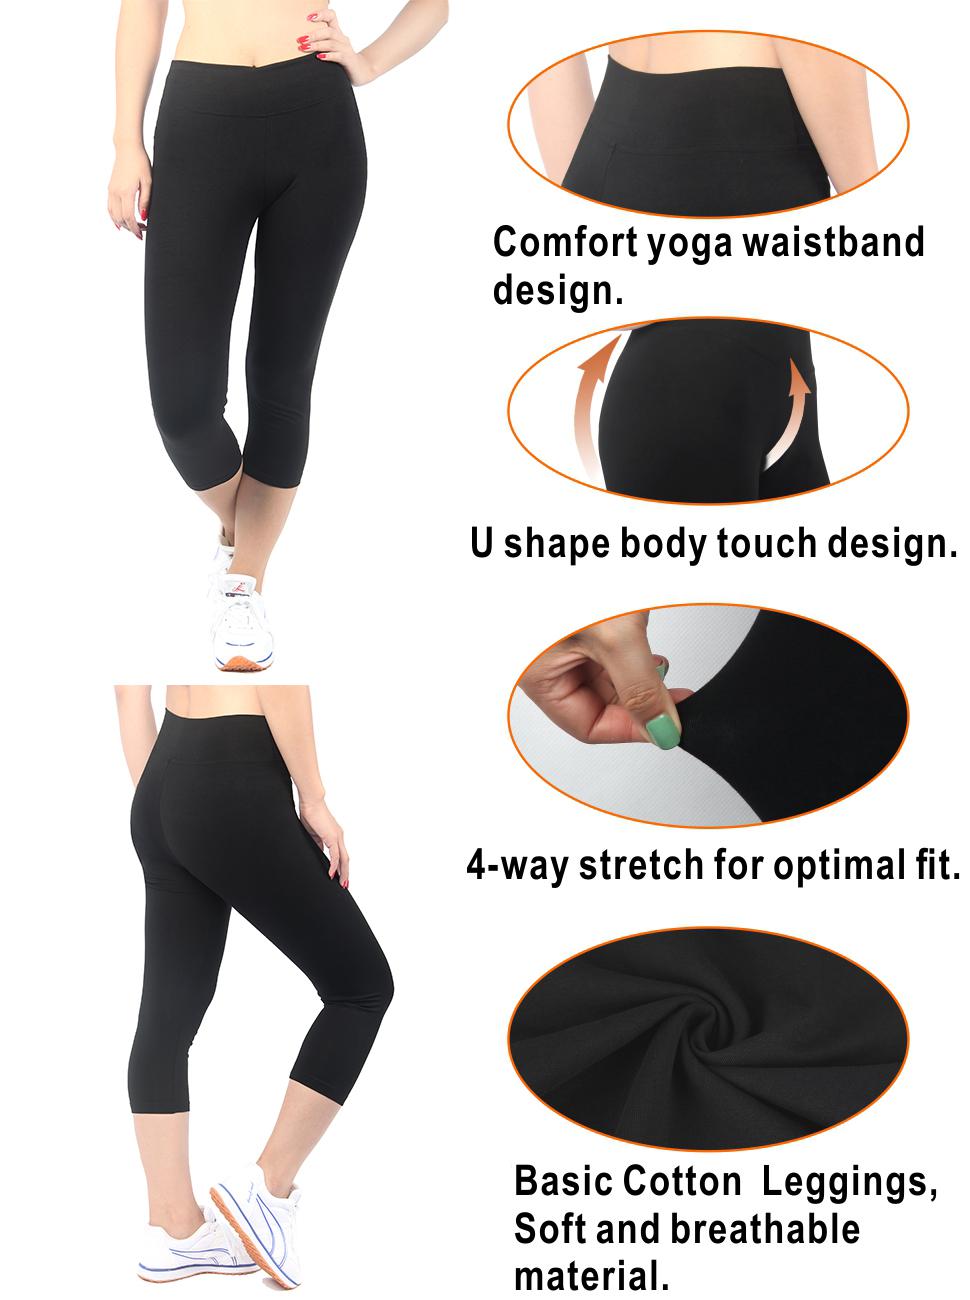 Athletic Yoga Leggings from DiaNoche Designs by Yasmin Dadabhoy Botanical 1